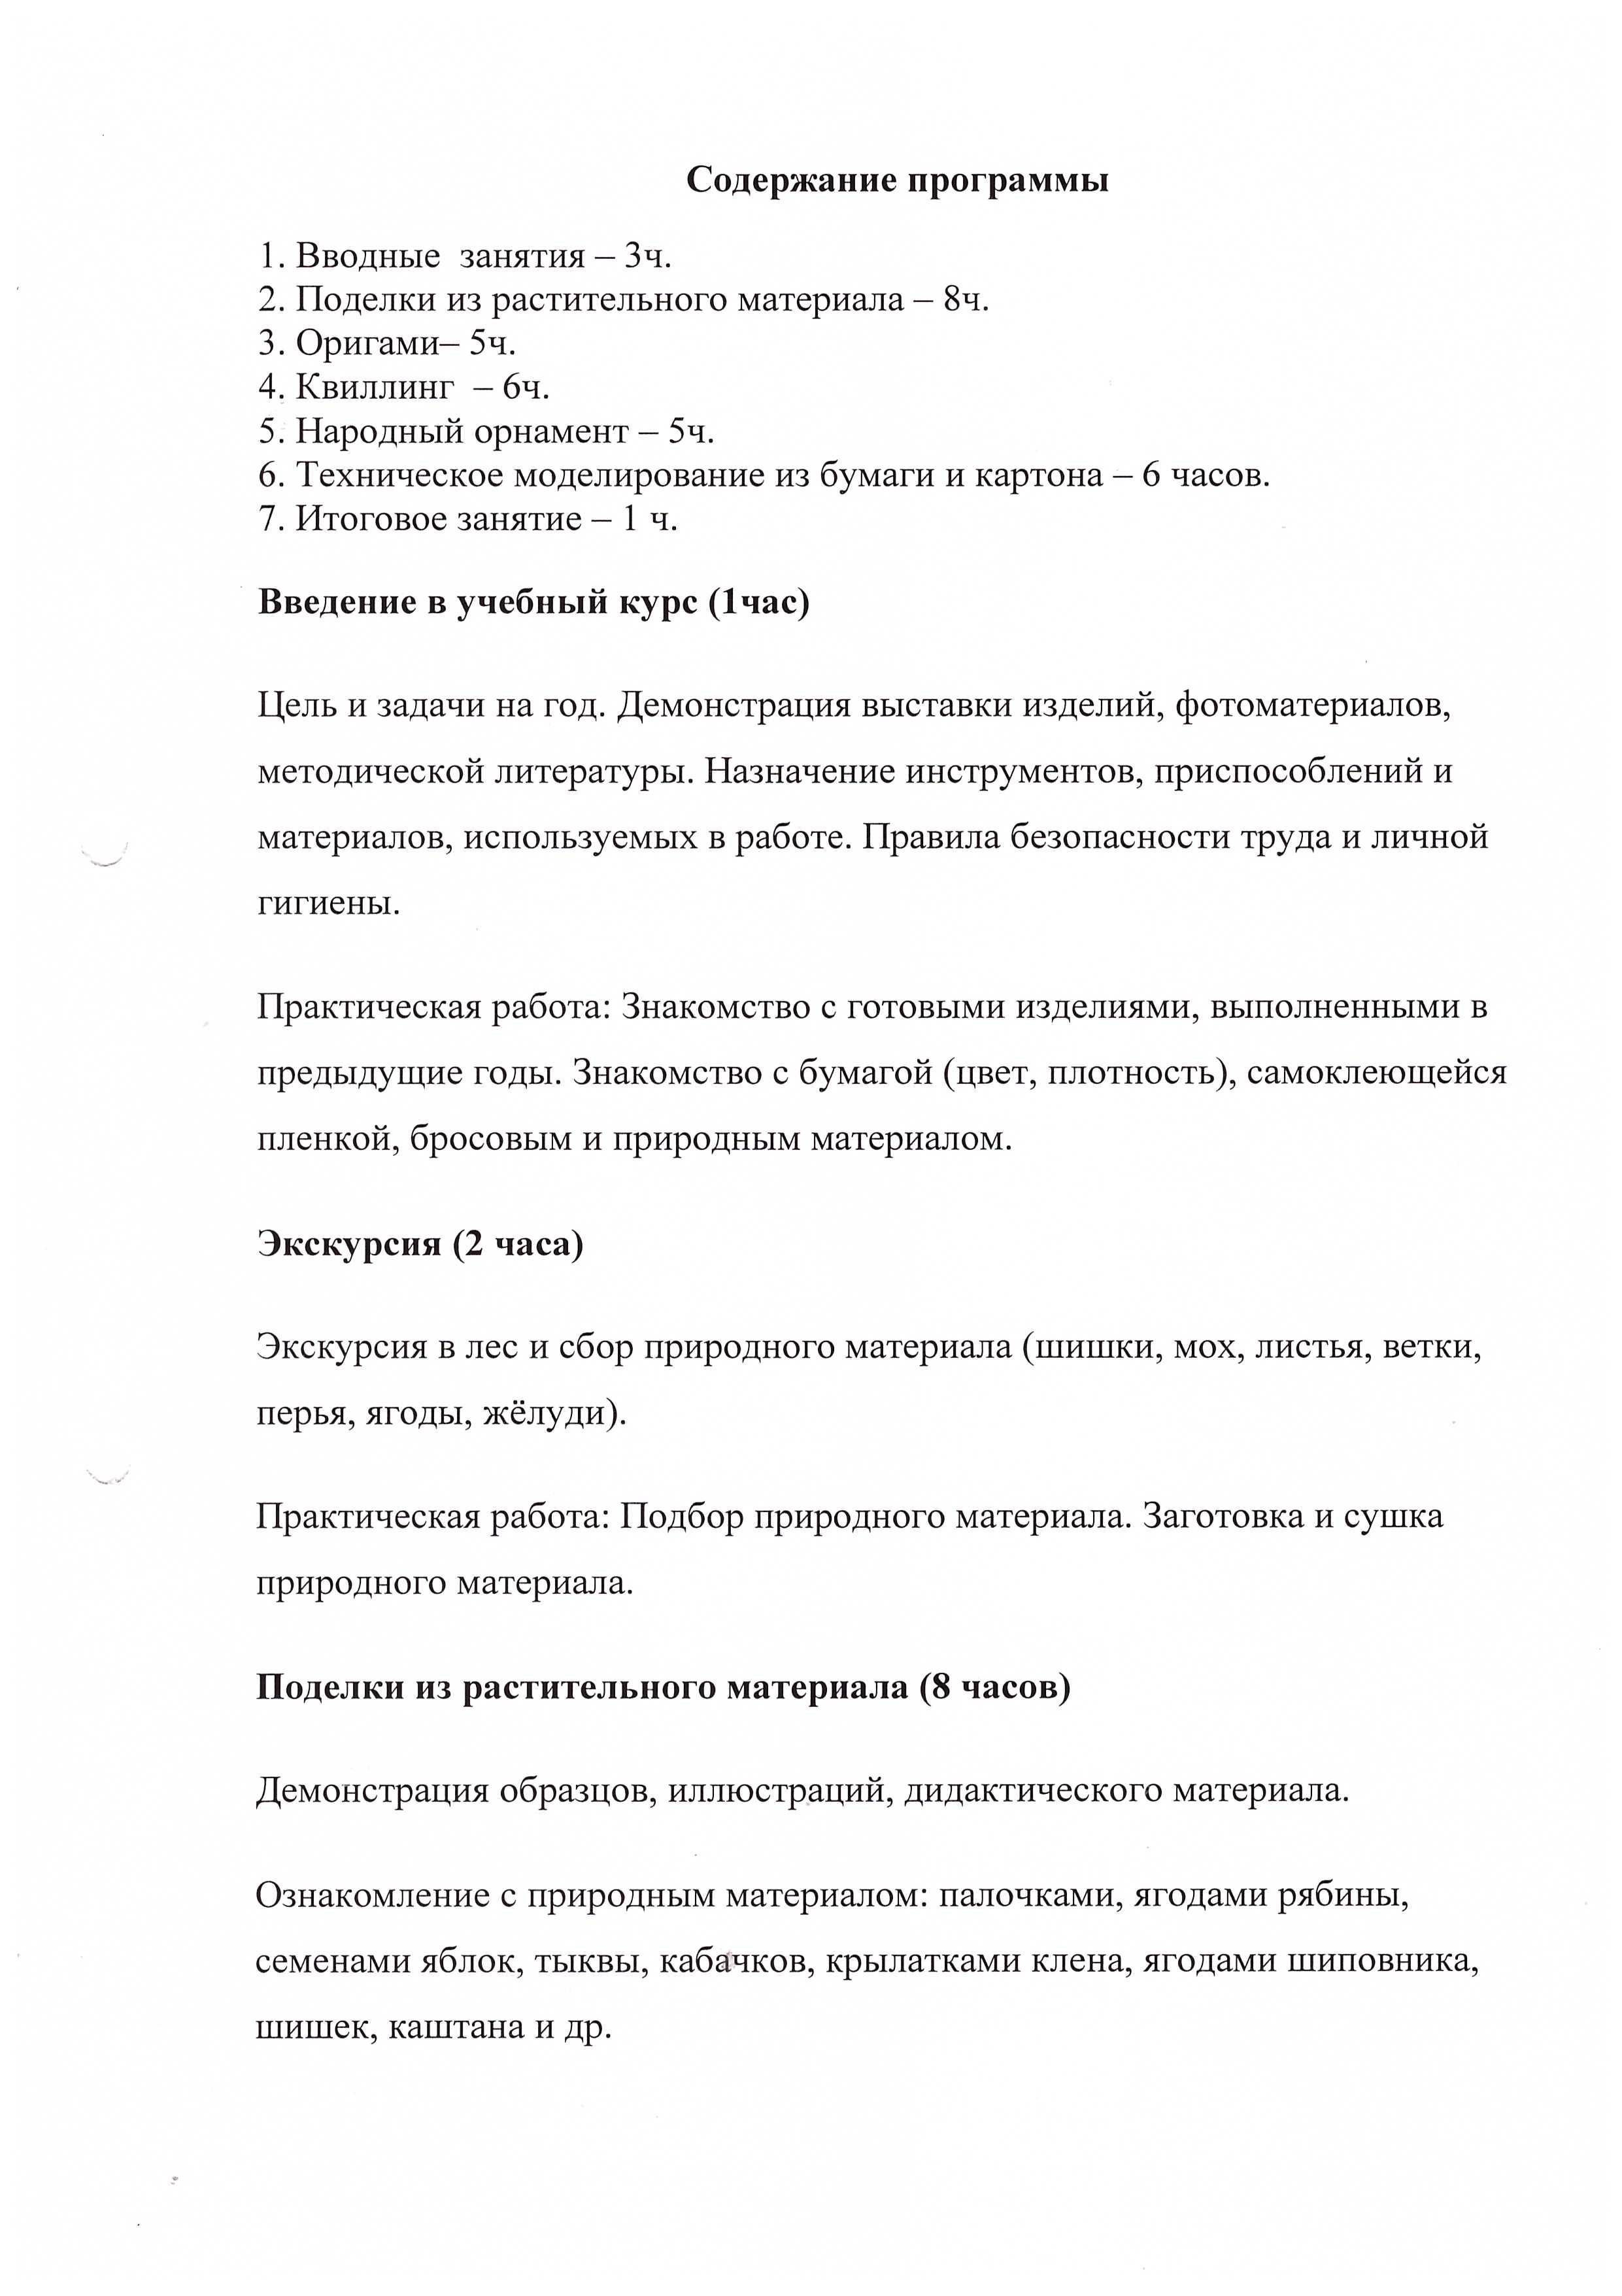 G:\Попова Н.В\5 стр.jpeg